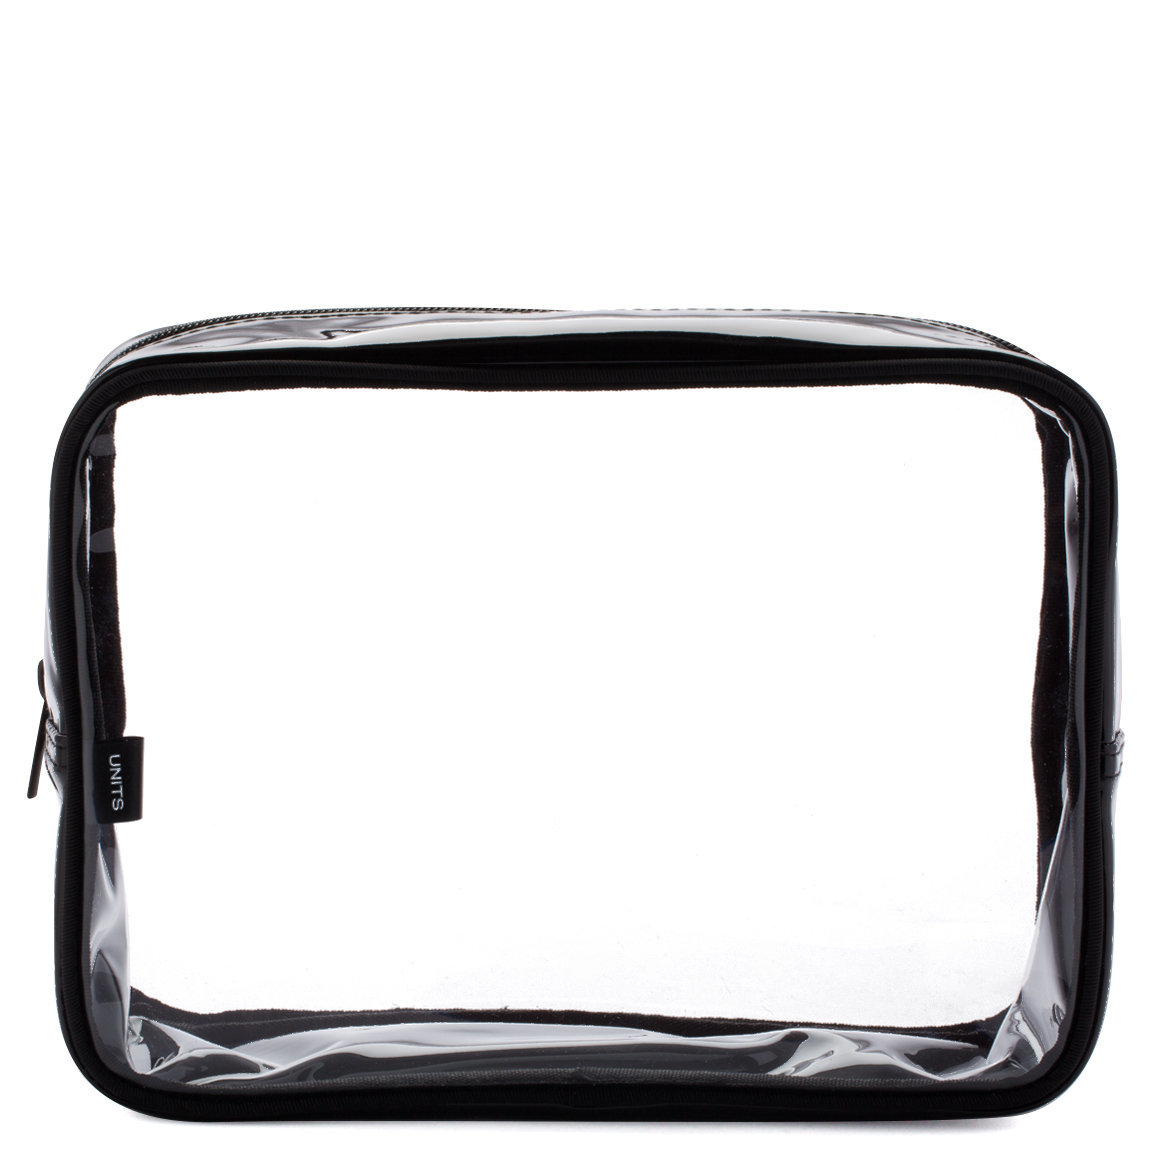 UNITS Unit 801 Large PVC Bag Black alternative view 1 - product swatch.